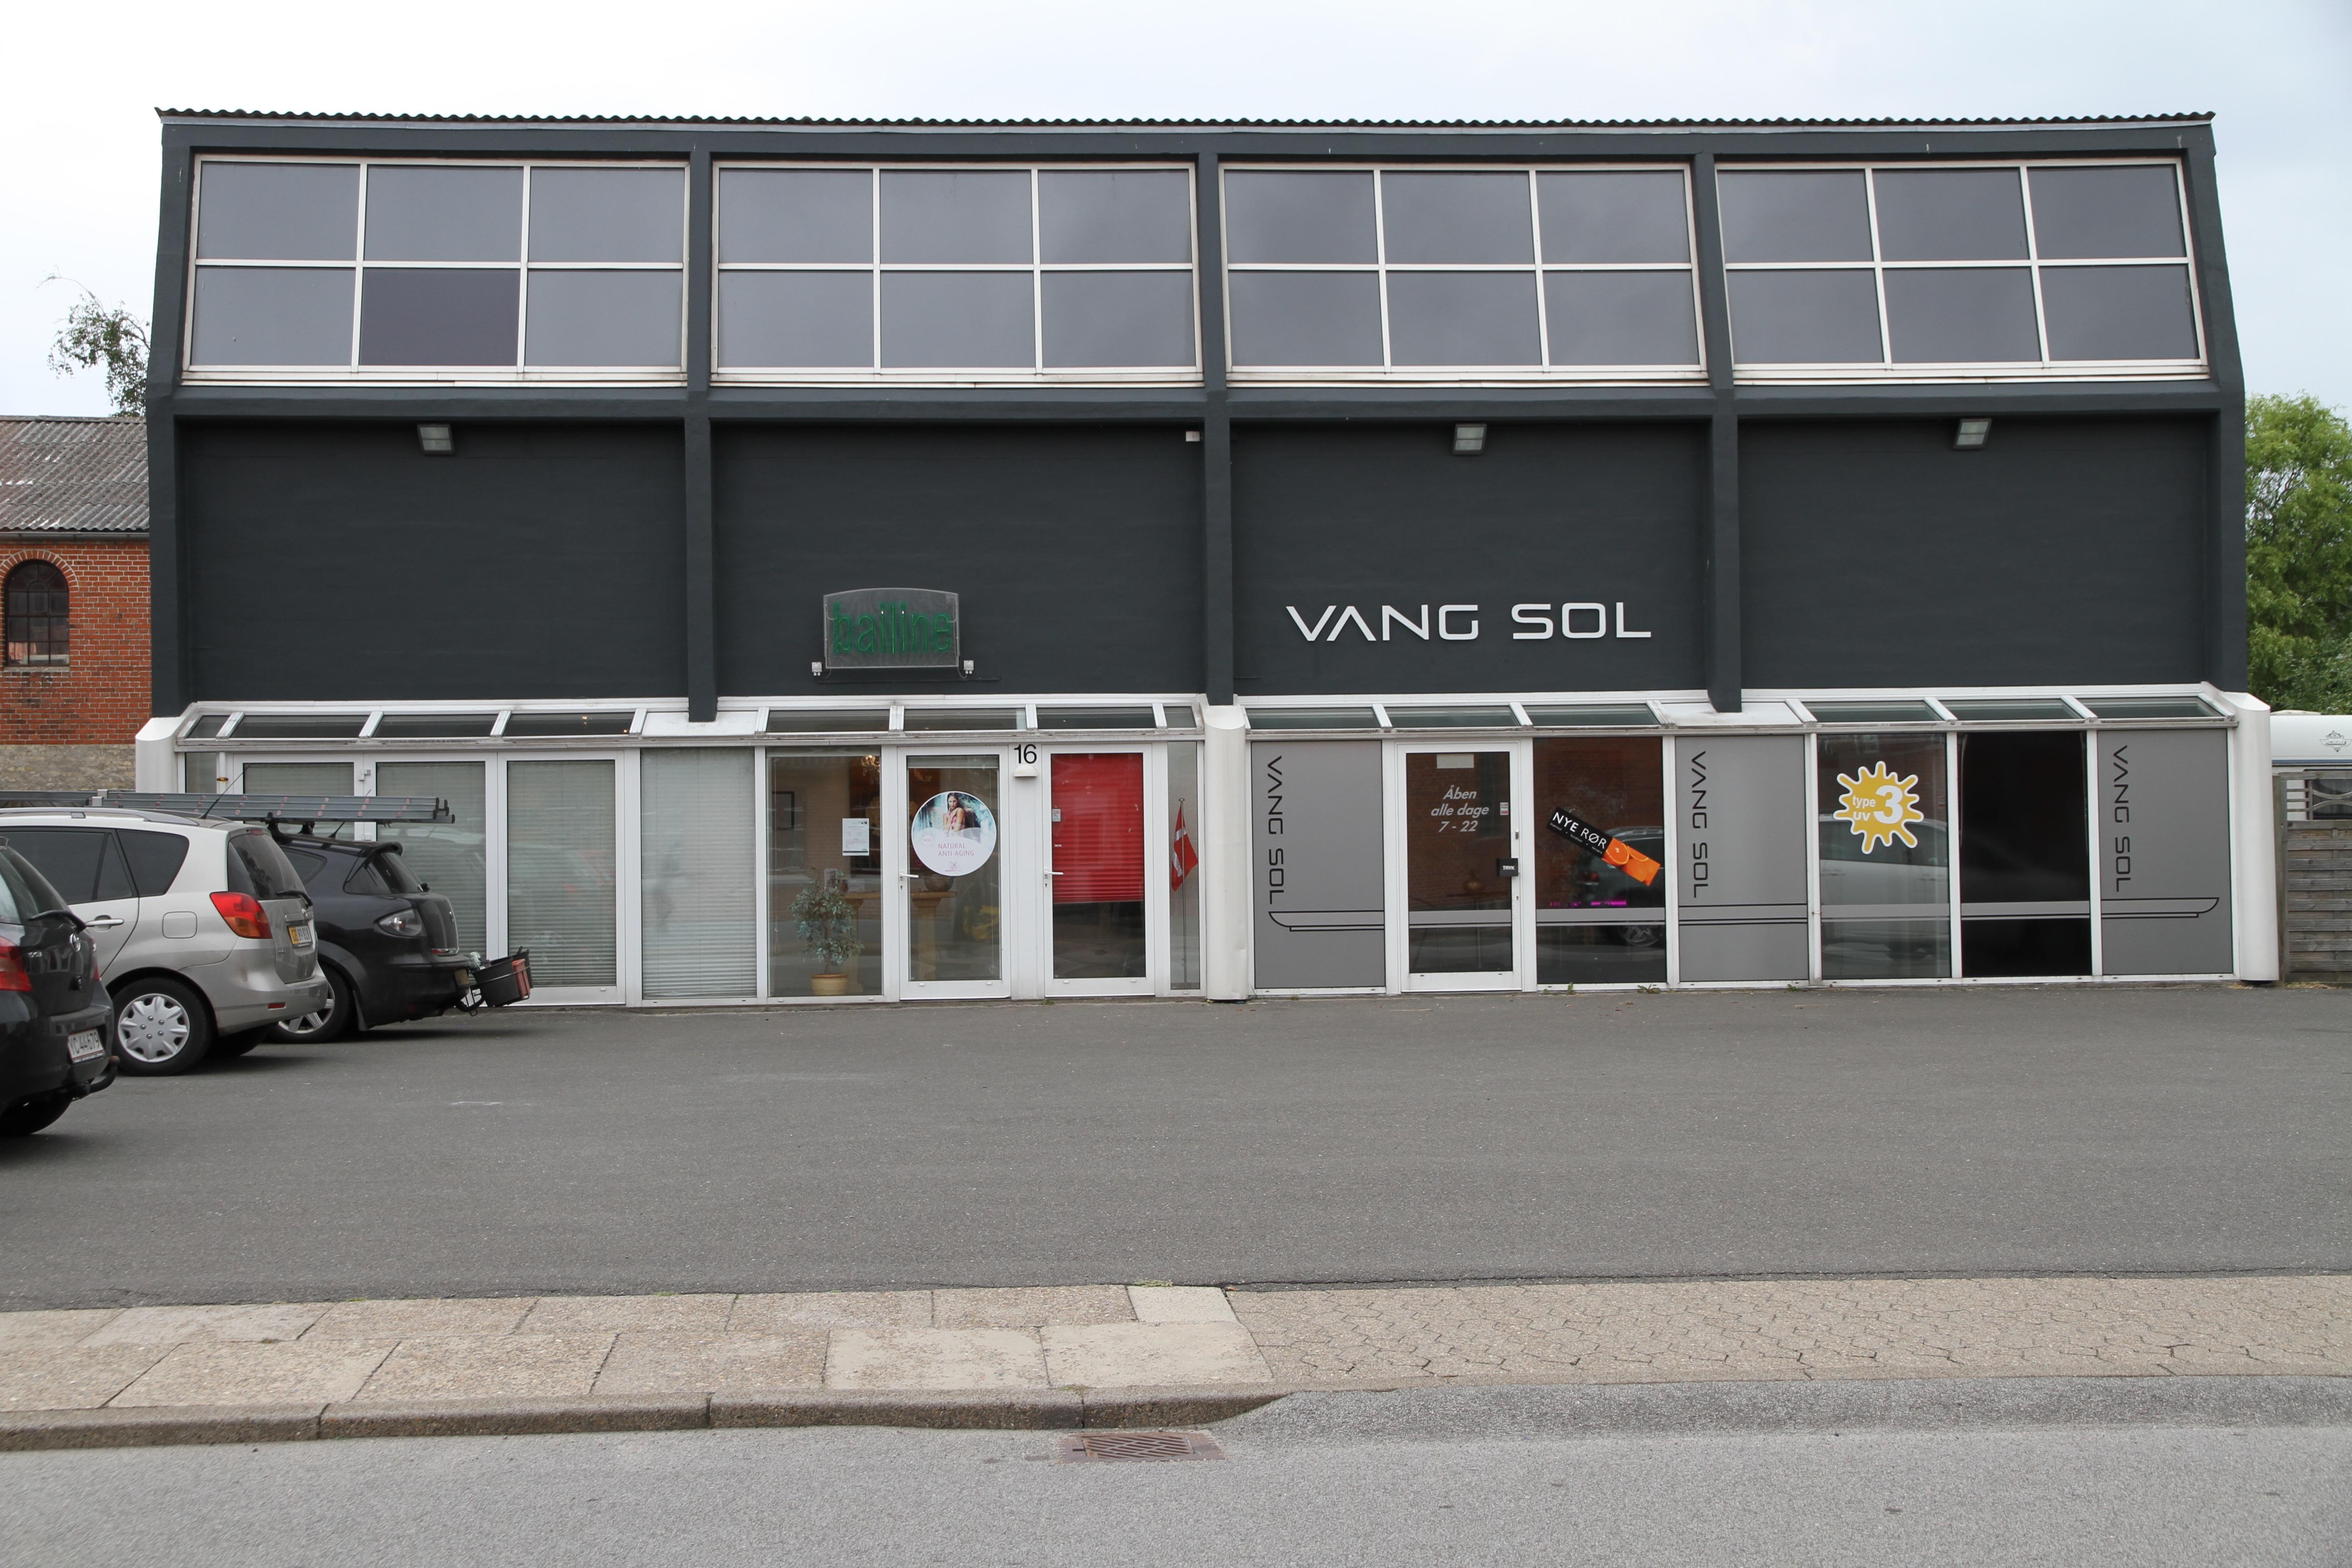 Veggerby Ejendomme - Erhvervslejemål i Løgstør - Østergade 16